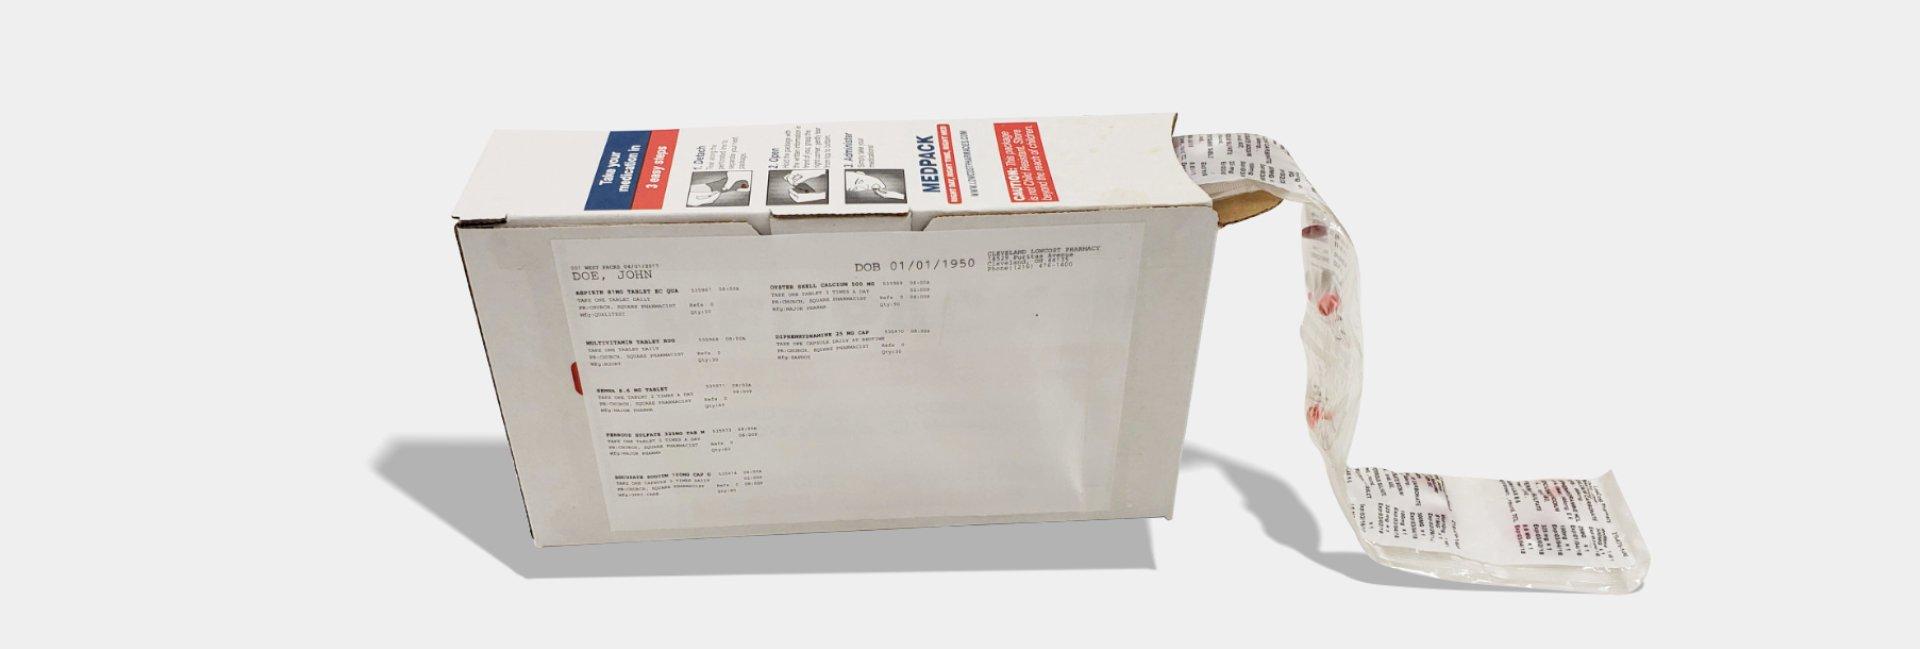 Mepack Box backside